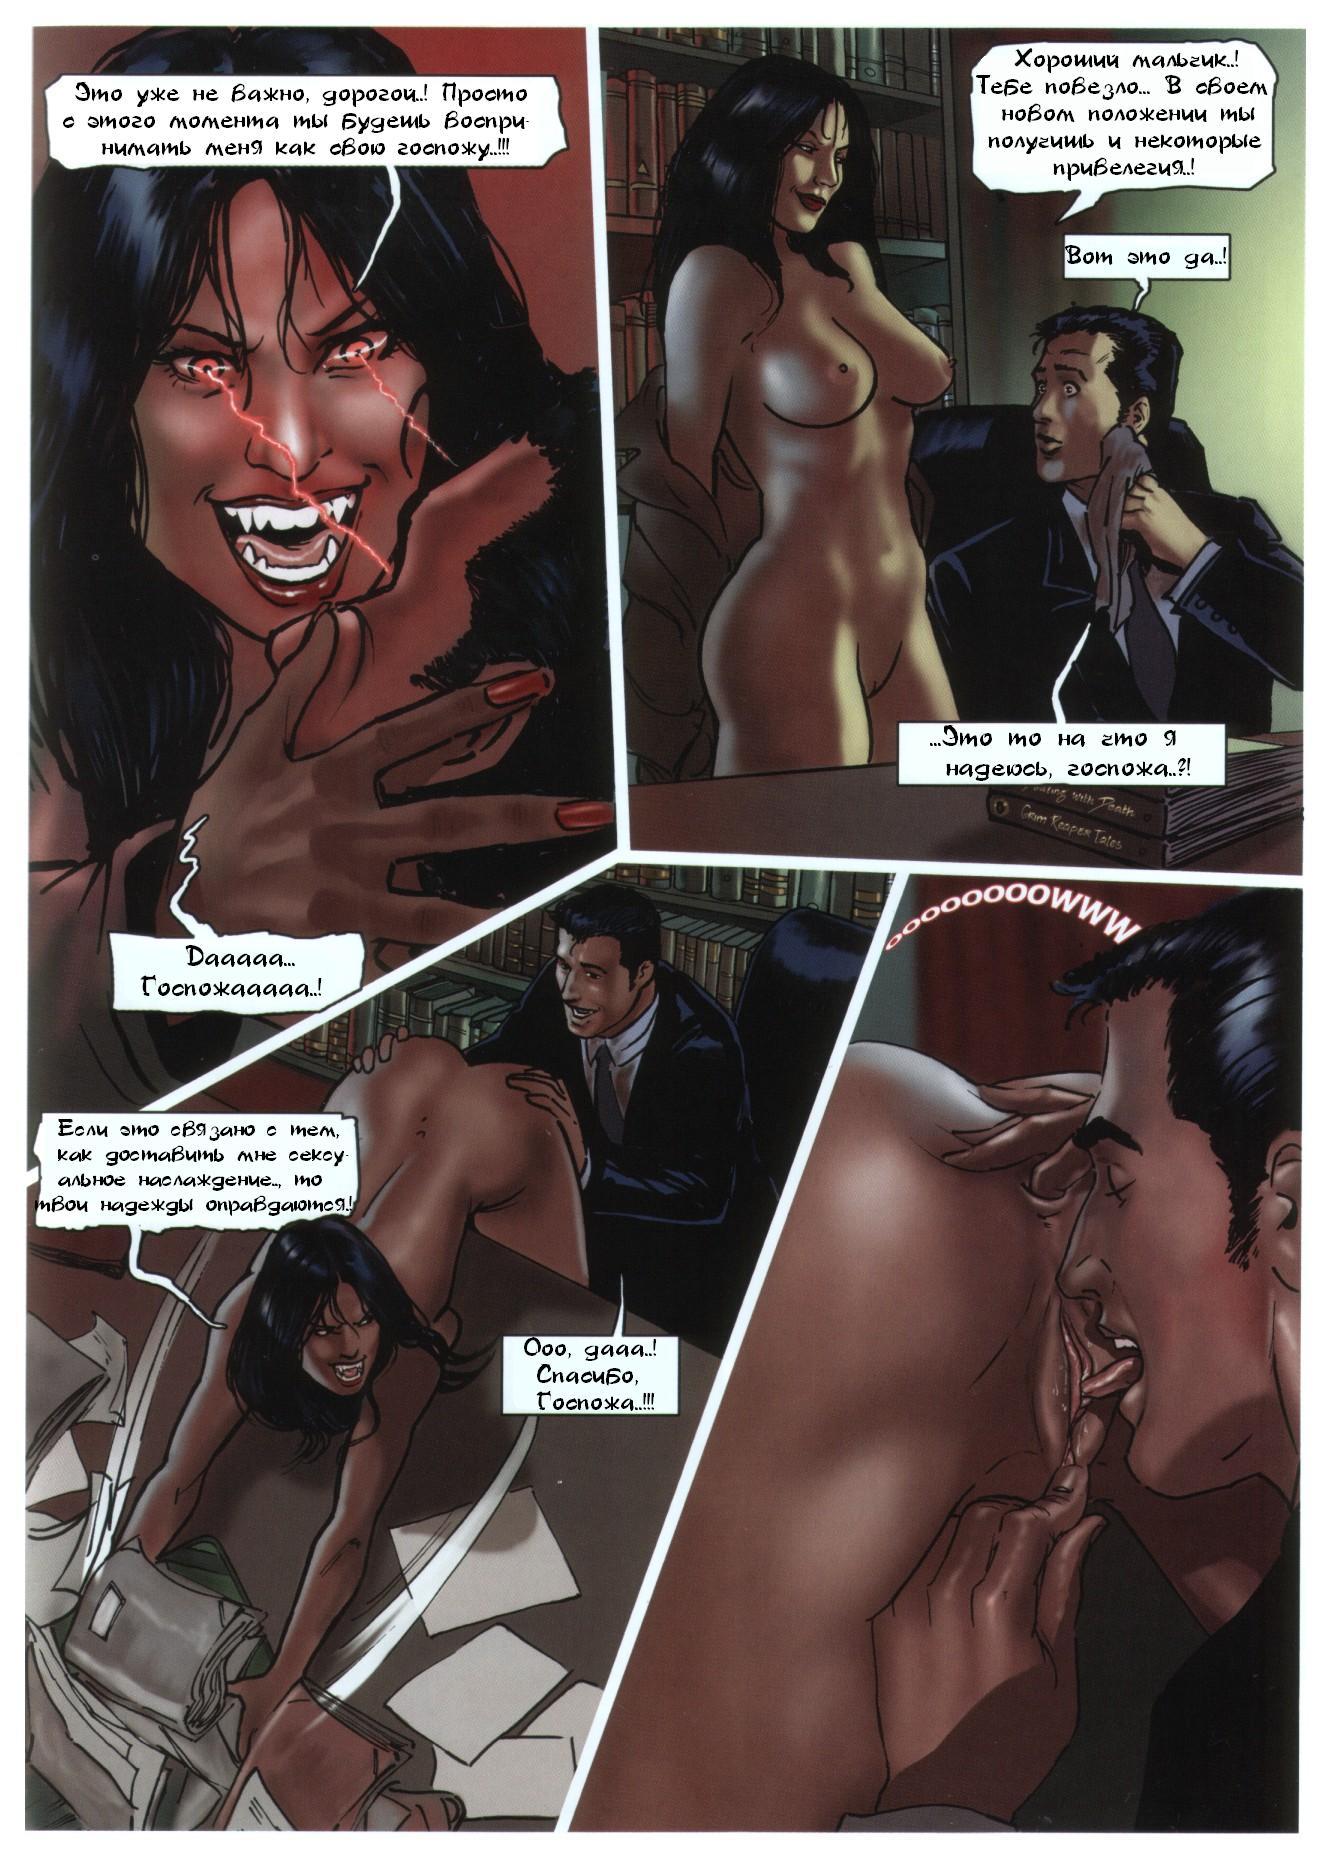 vampira-erotika-rasskaz